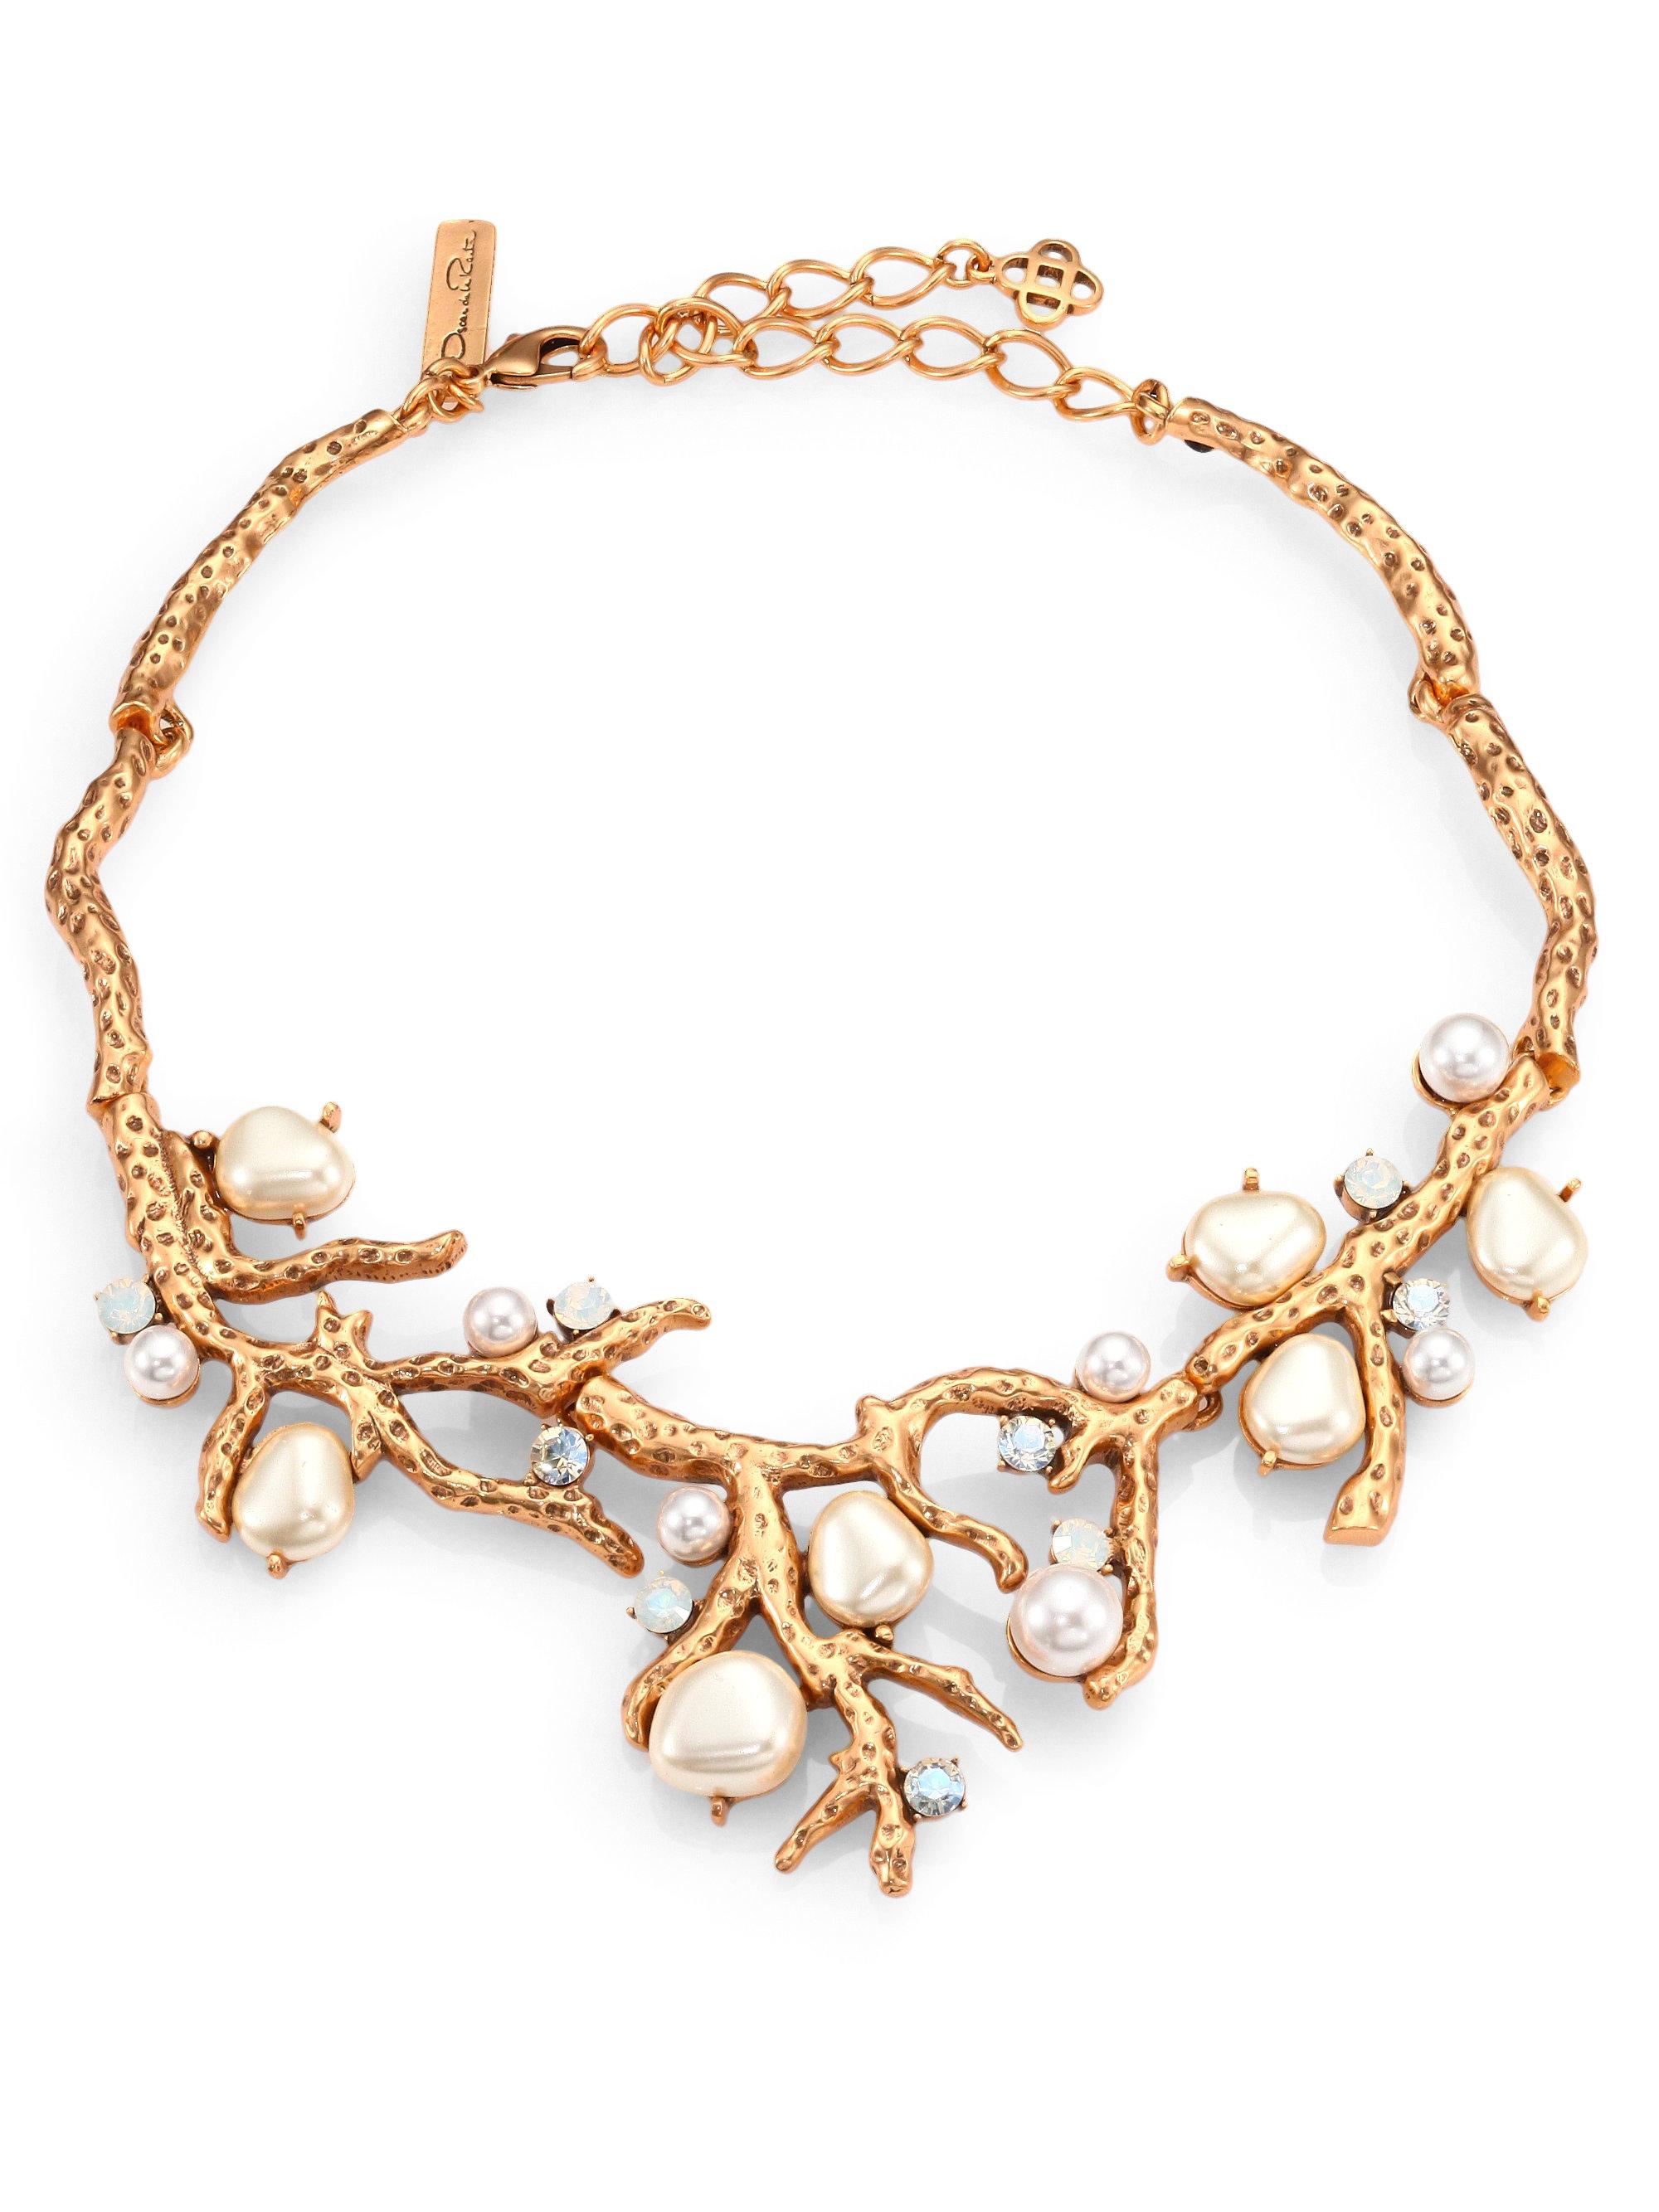 Oscar De La Renta Pearl Necklace in Metallics guiA6